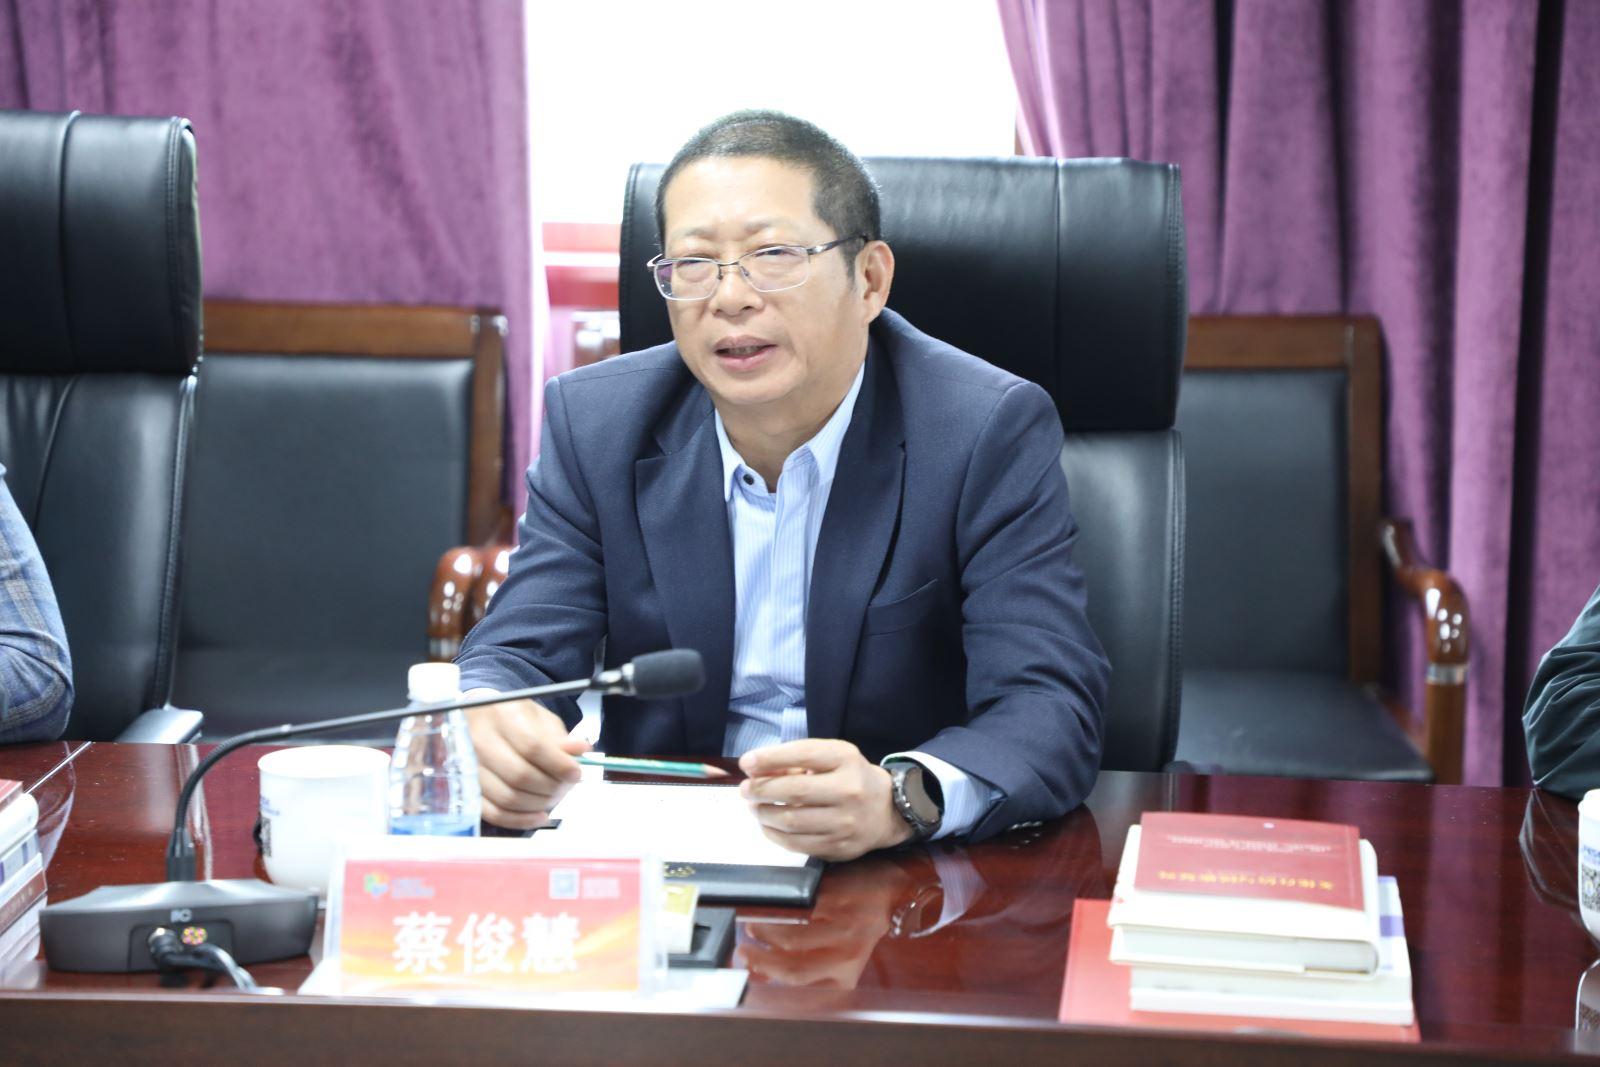 蔡俊慧在座谈会上发言